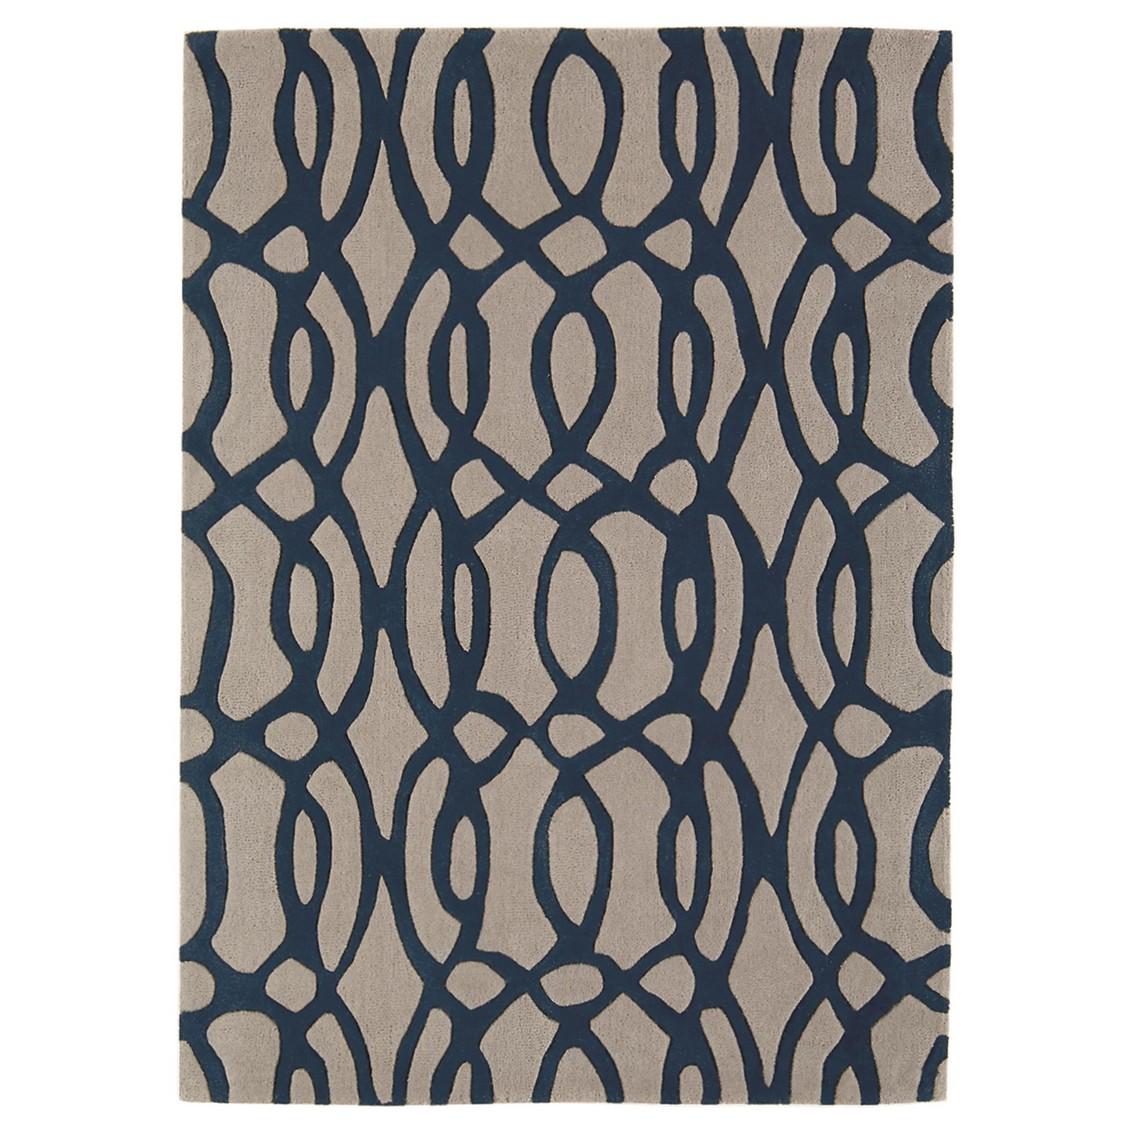 Teppich Matrix Wire – Blau – 120 x 170 cm, benuta jetzt kaufen